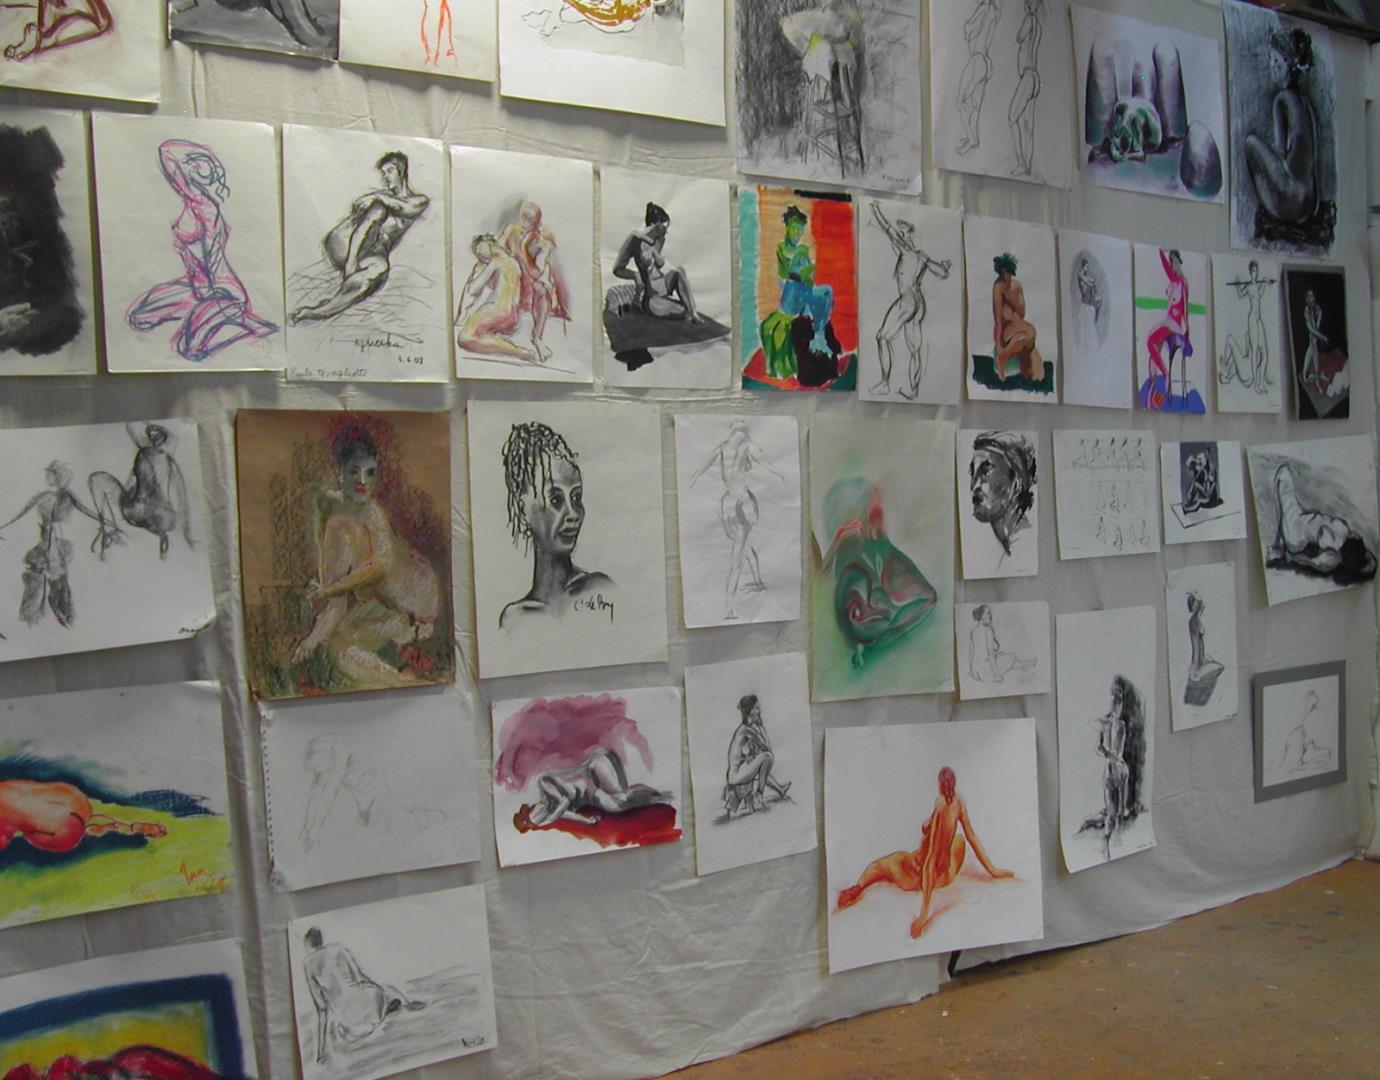 Cours de dessin peinture polyvalent - L' Atelier Saint Fargeau